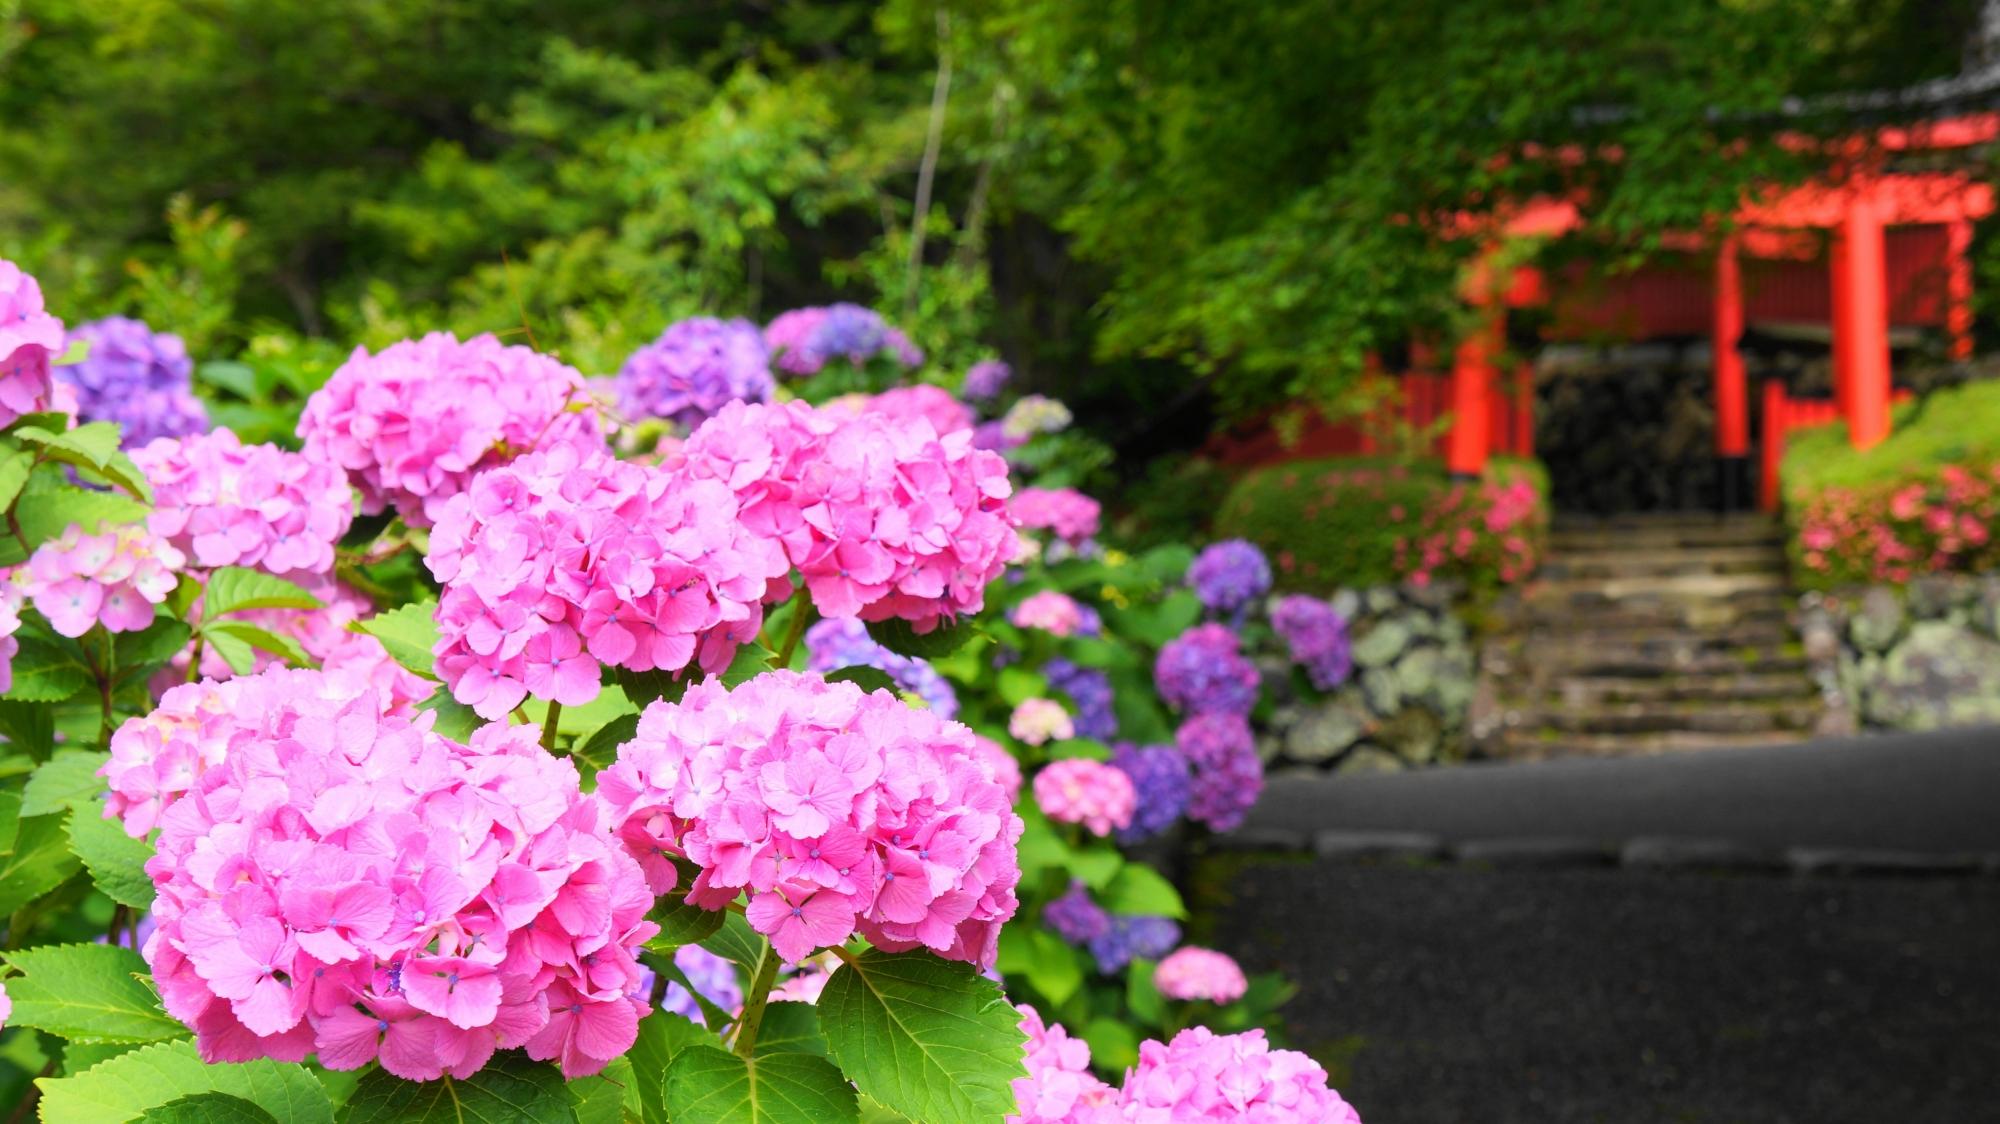 善峯寺の稲荷大社前の紫陽花